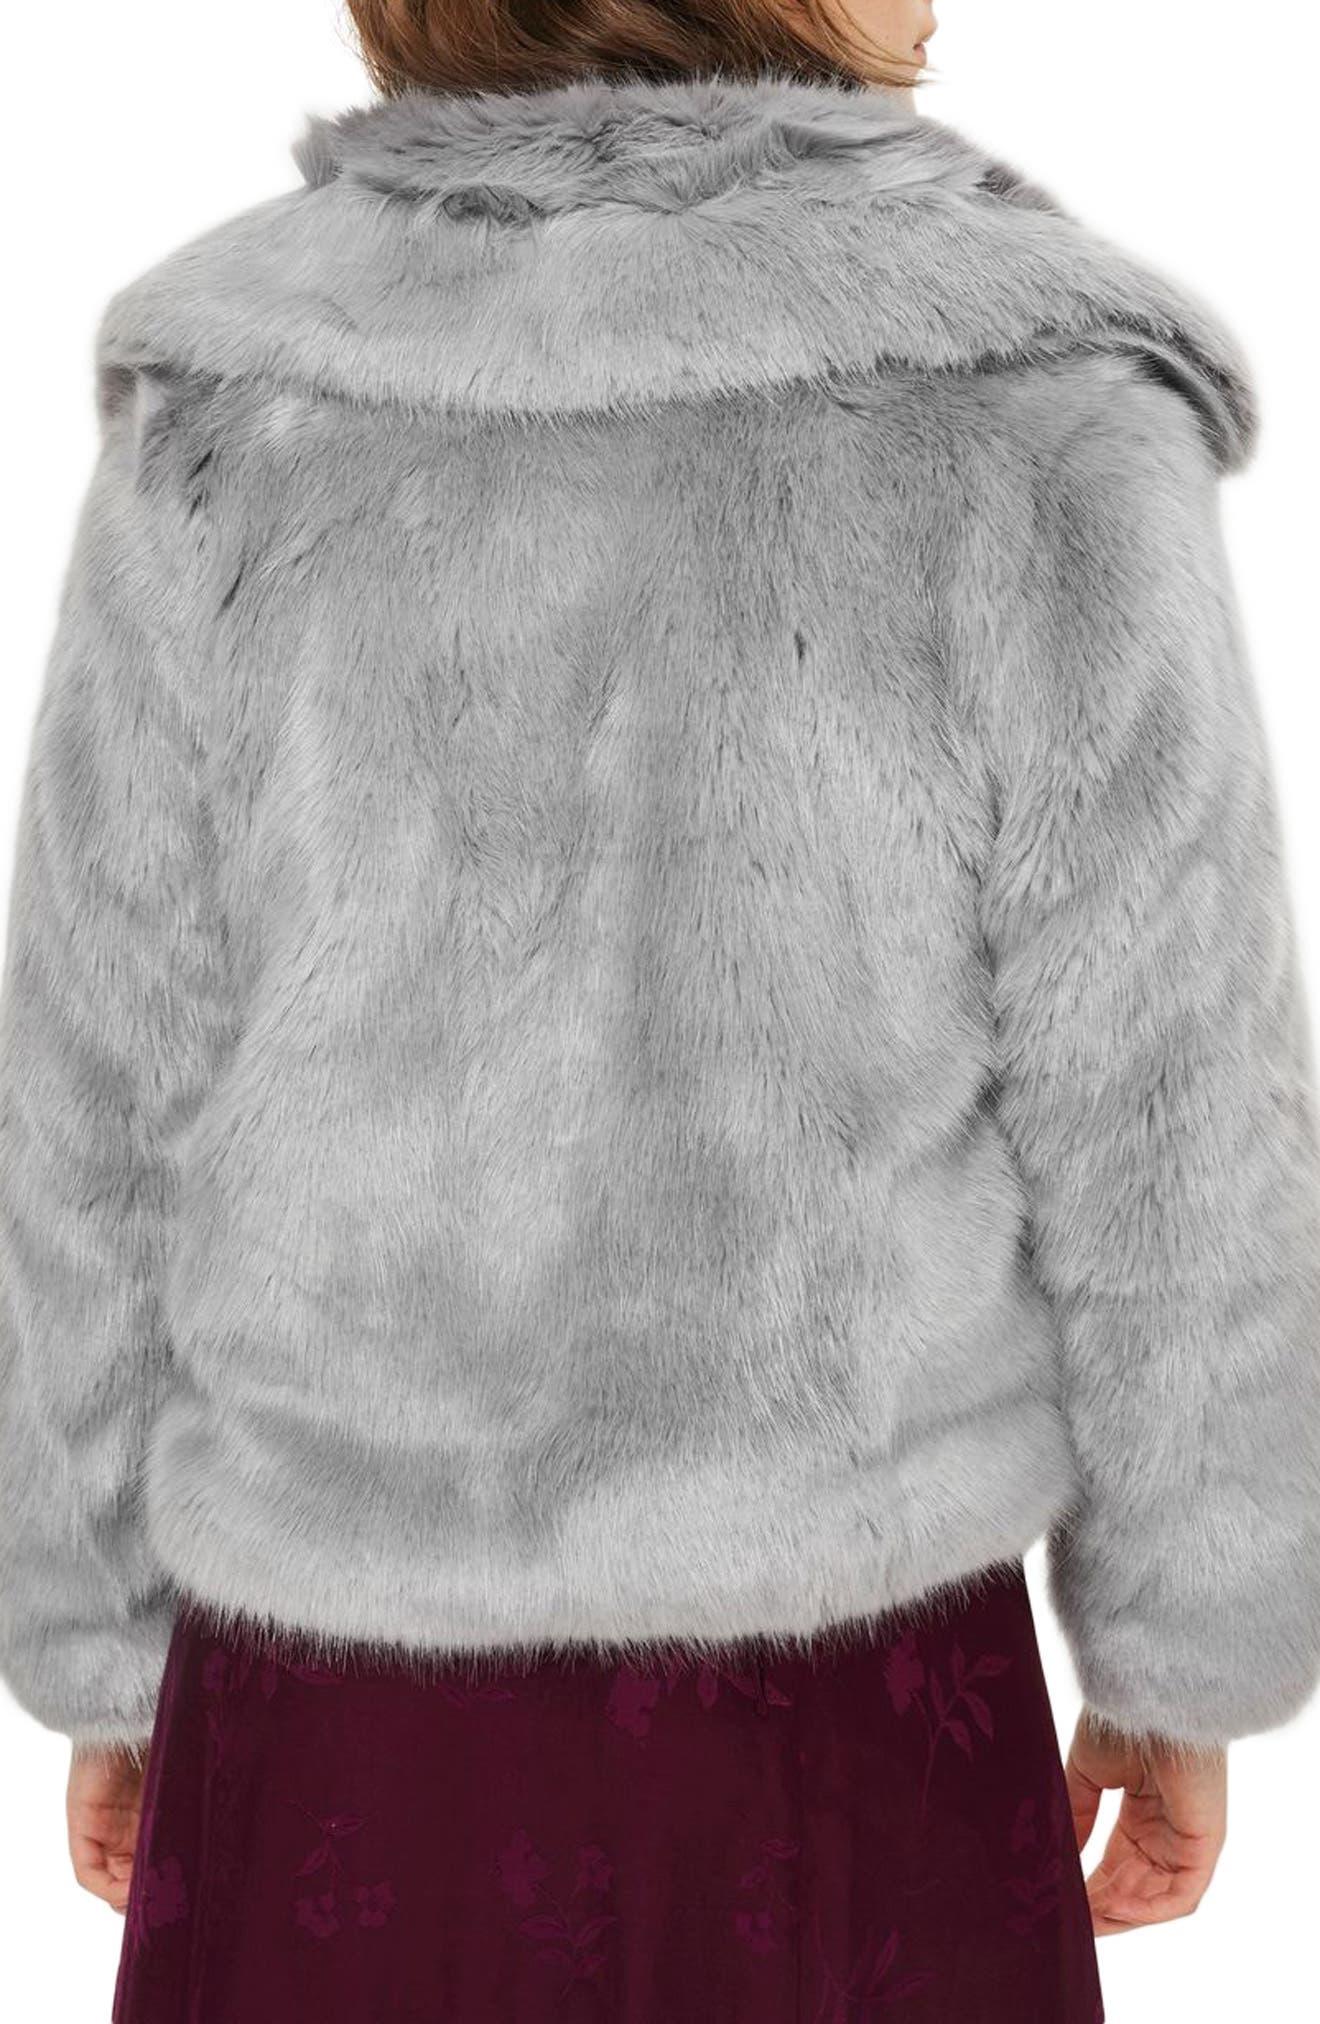 Claire Faux Fur Coat,                             Alternate thumbnail 2, color,                             020